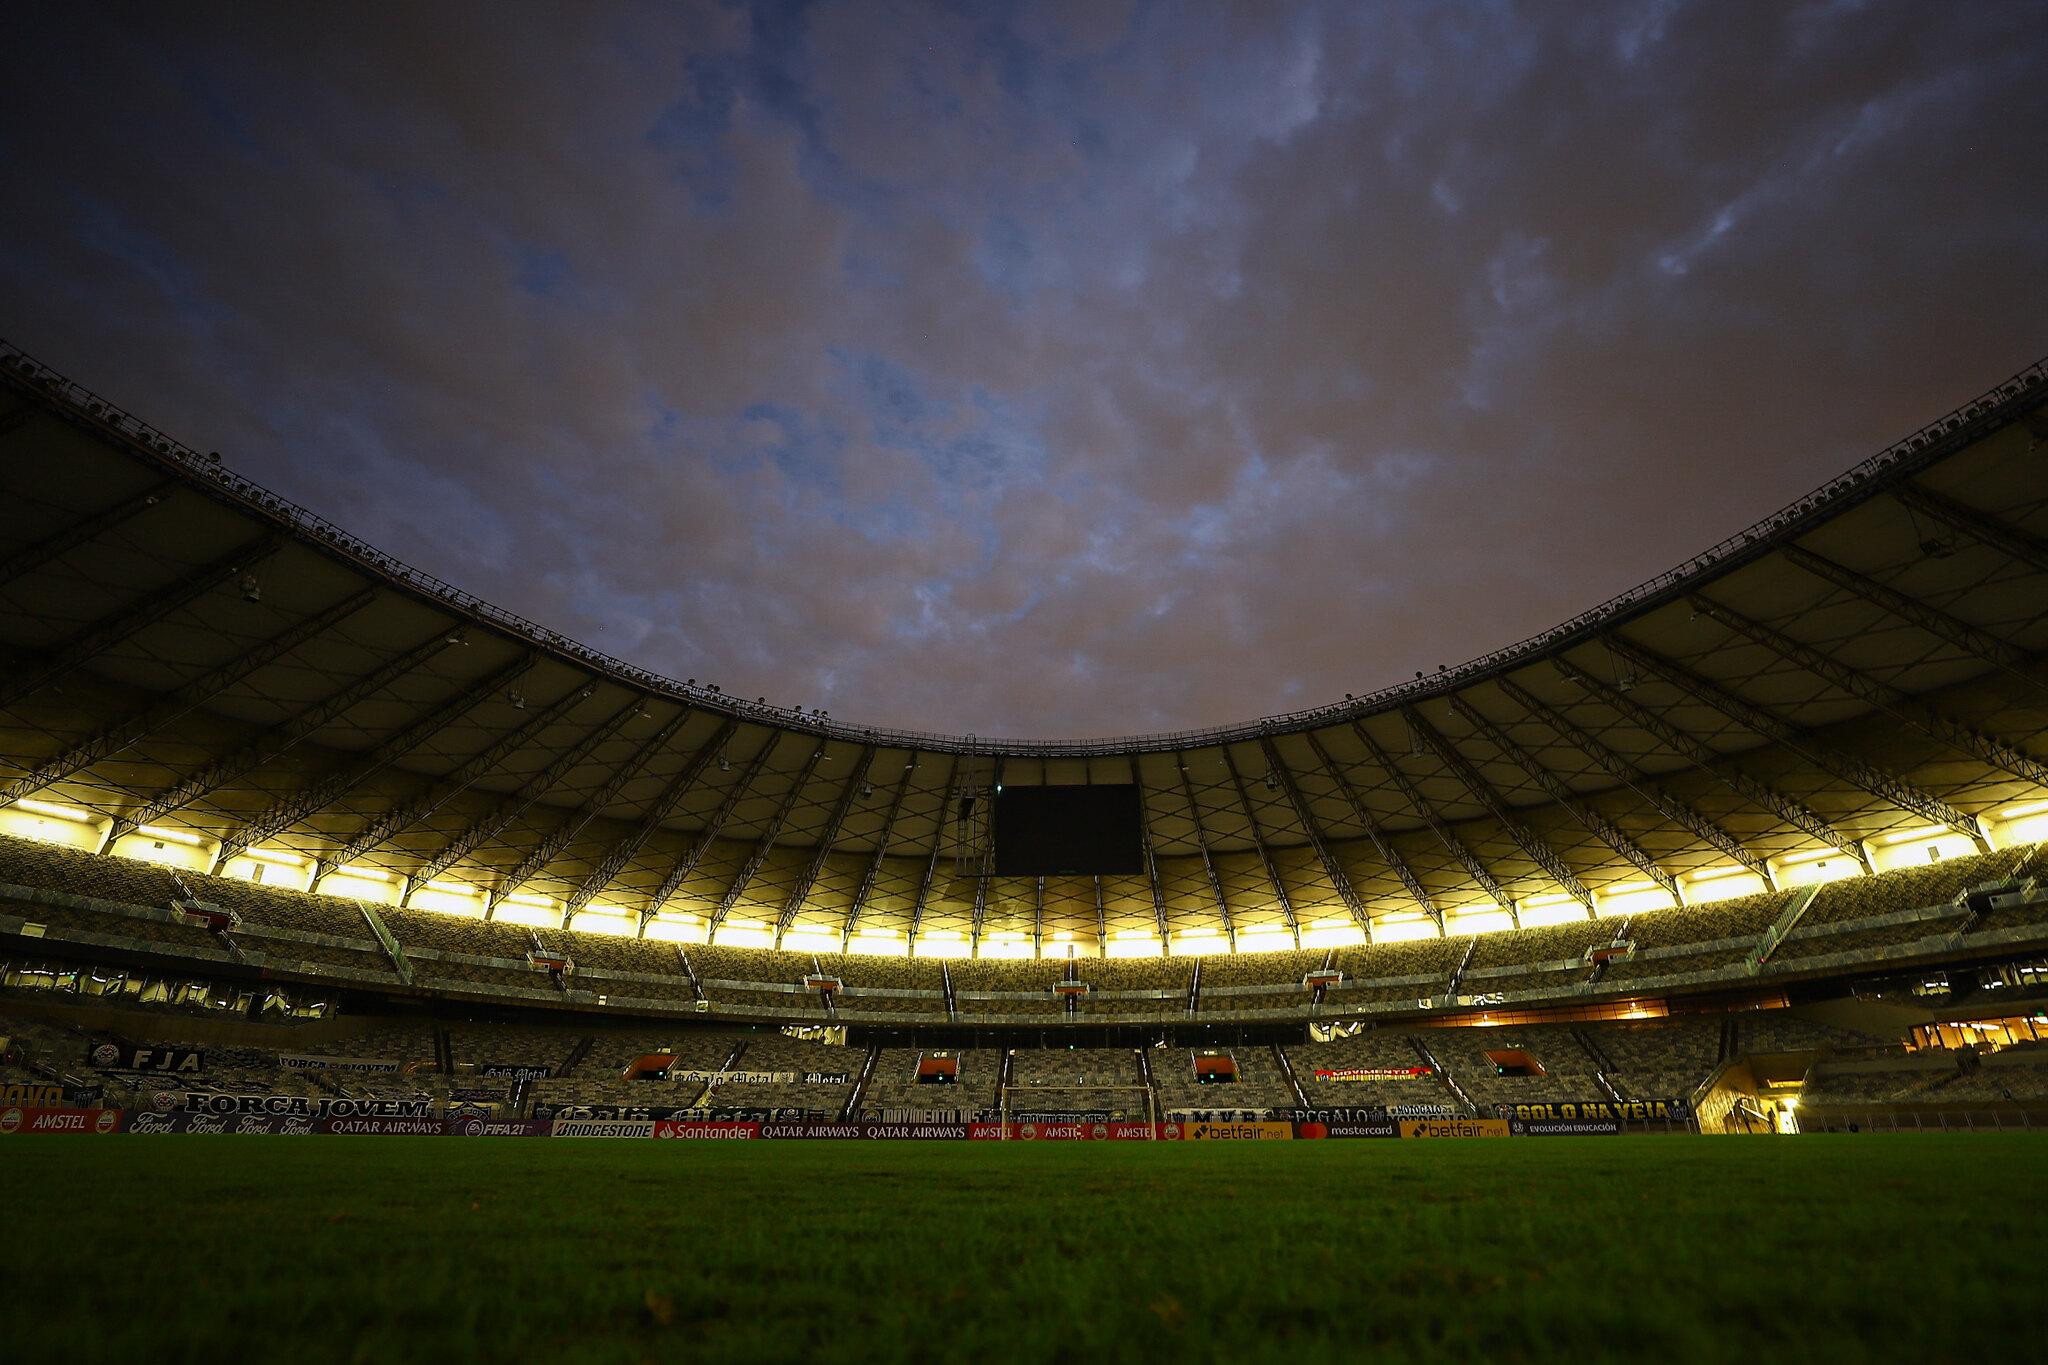 Mineirão palco do jogo - Foto: Pedro Souza/Atlético